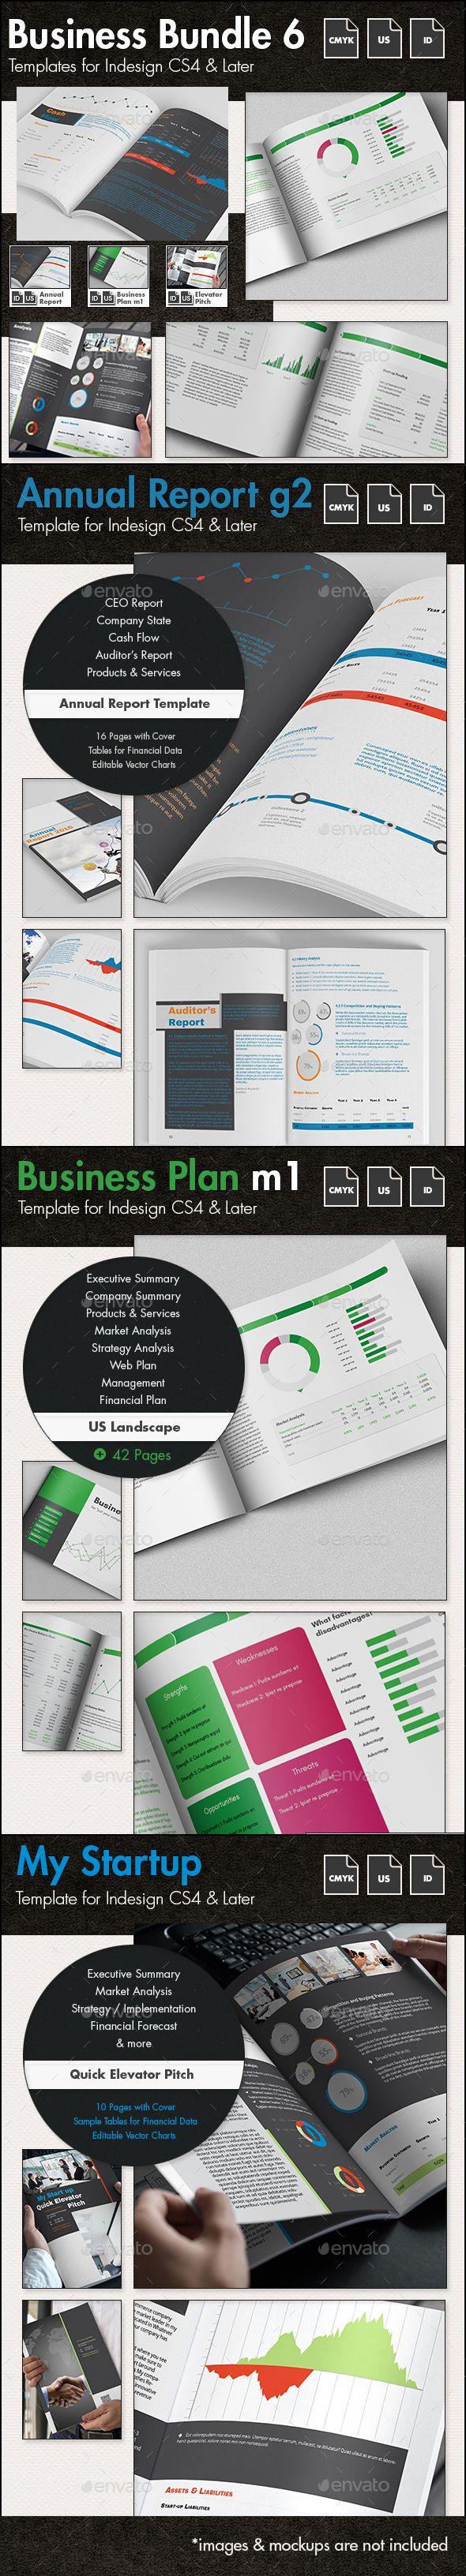 Business Templates Bundle VI - US Letter